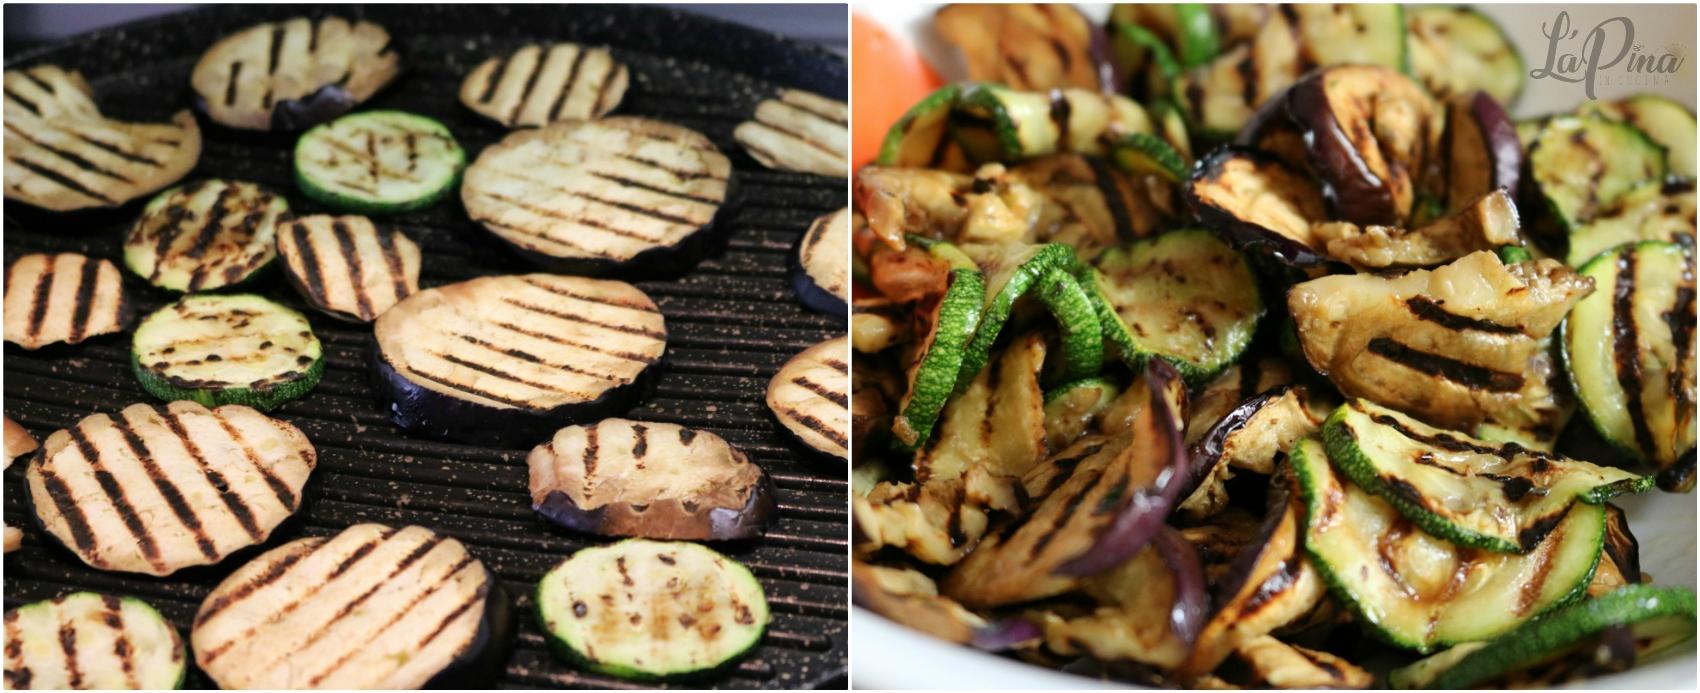 Insalata fredda di orzo con verdure grigliate collage